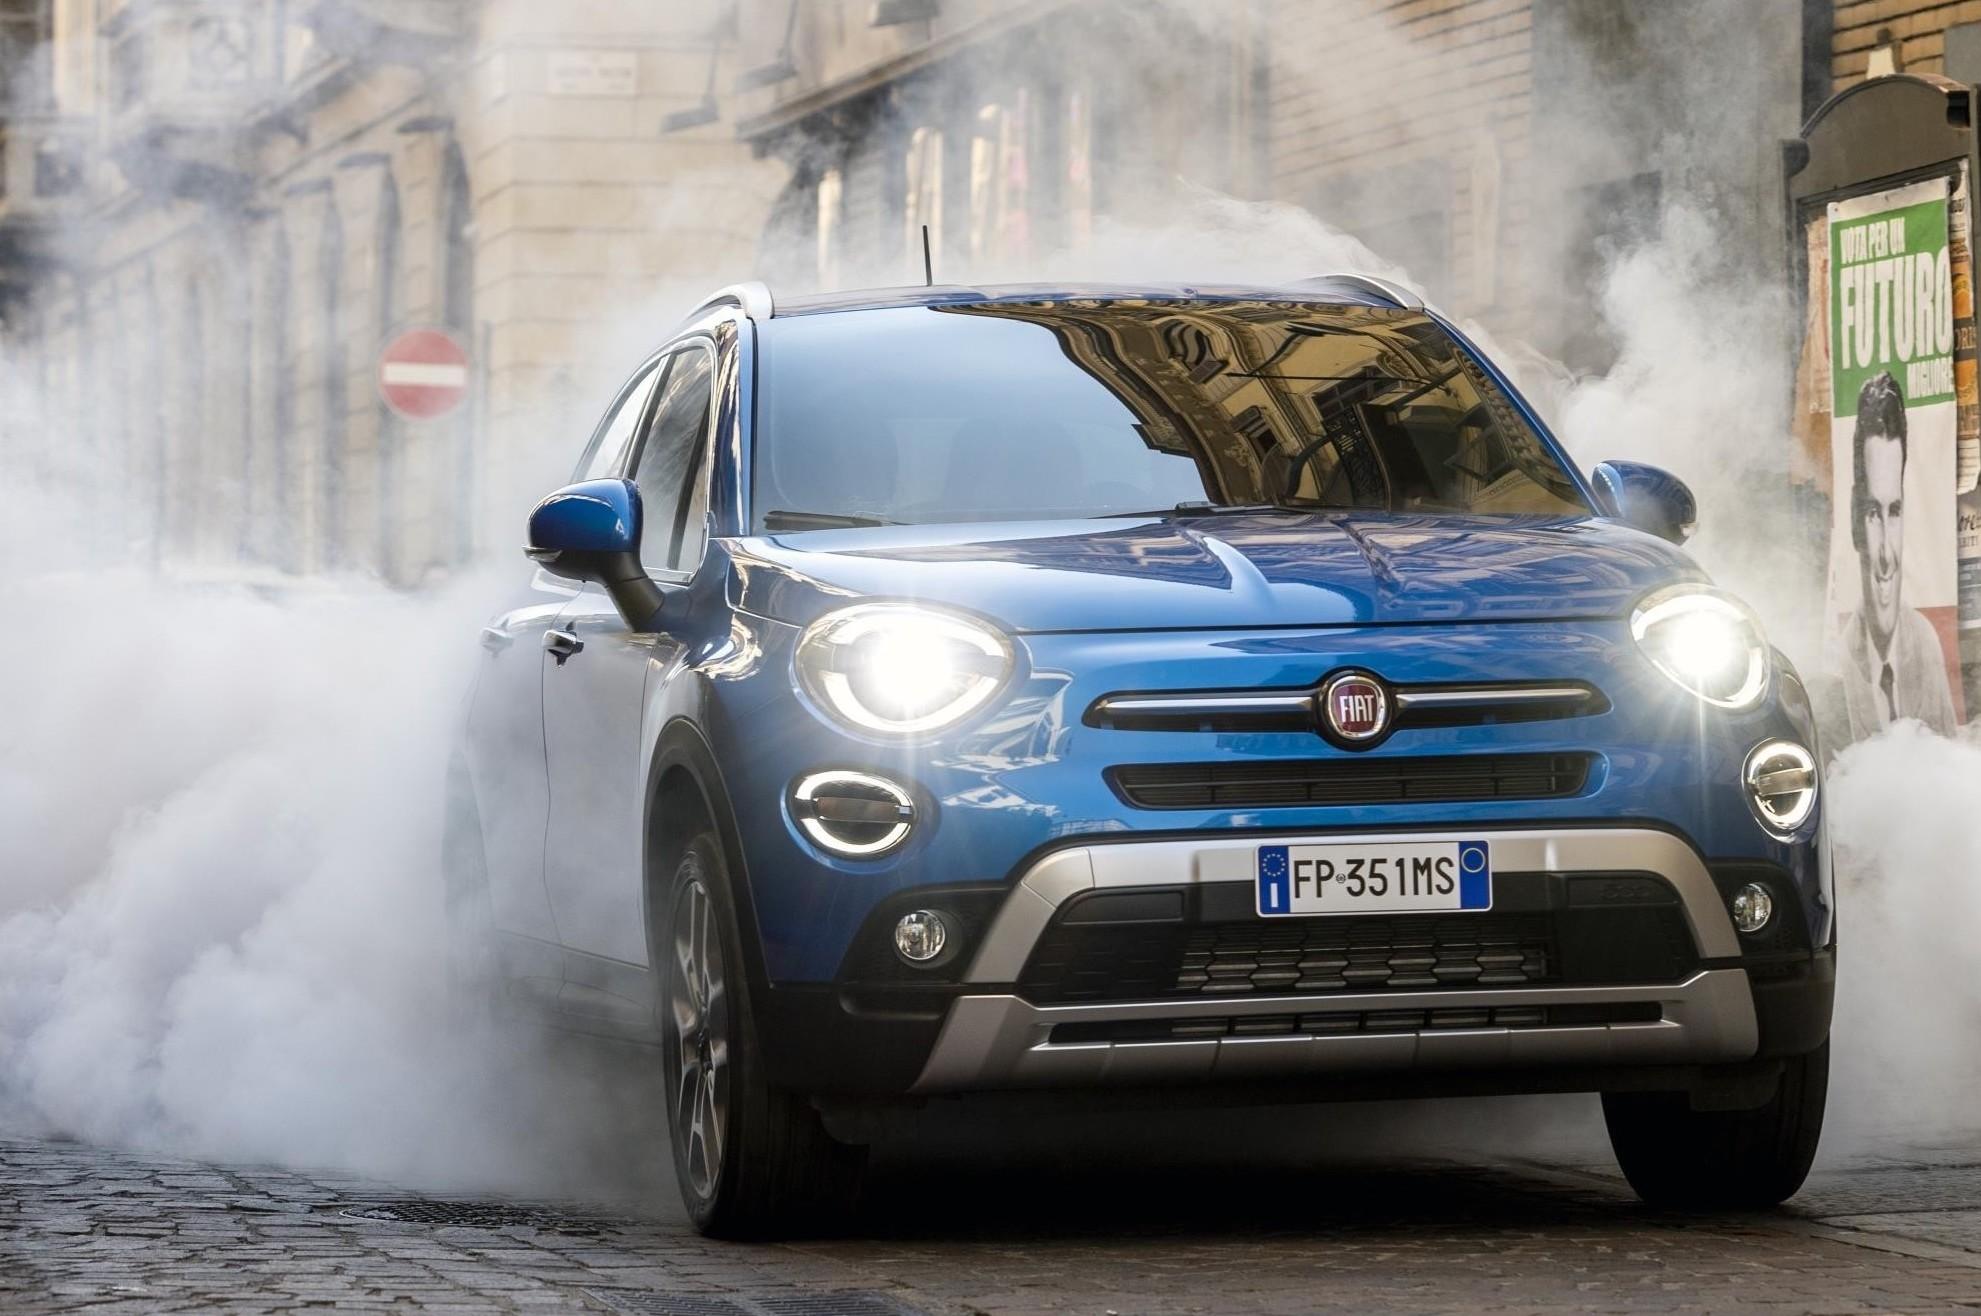 Incentivi auto 2020 con bonus decreto am